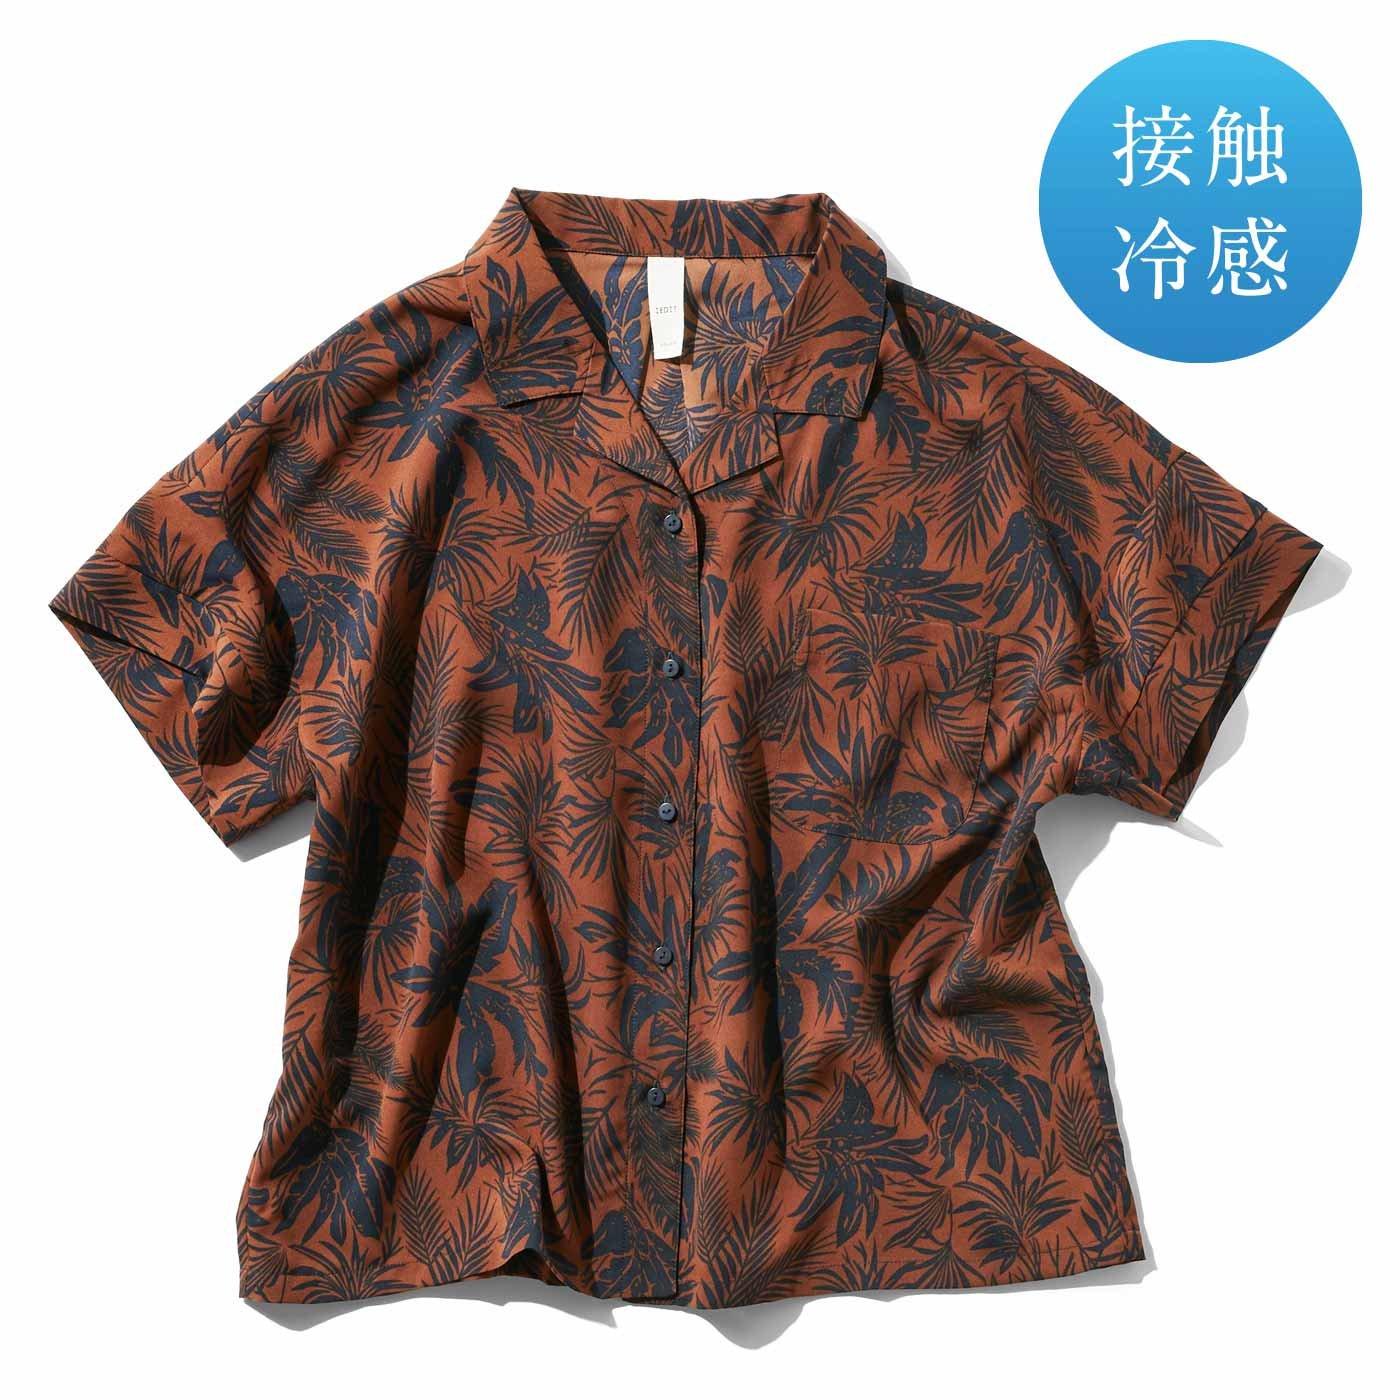 IEDIT[イディット]  大人にちょうどいい ハンサムサマープリントの接触冷感開衿シャツ〈ブラウン〉